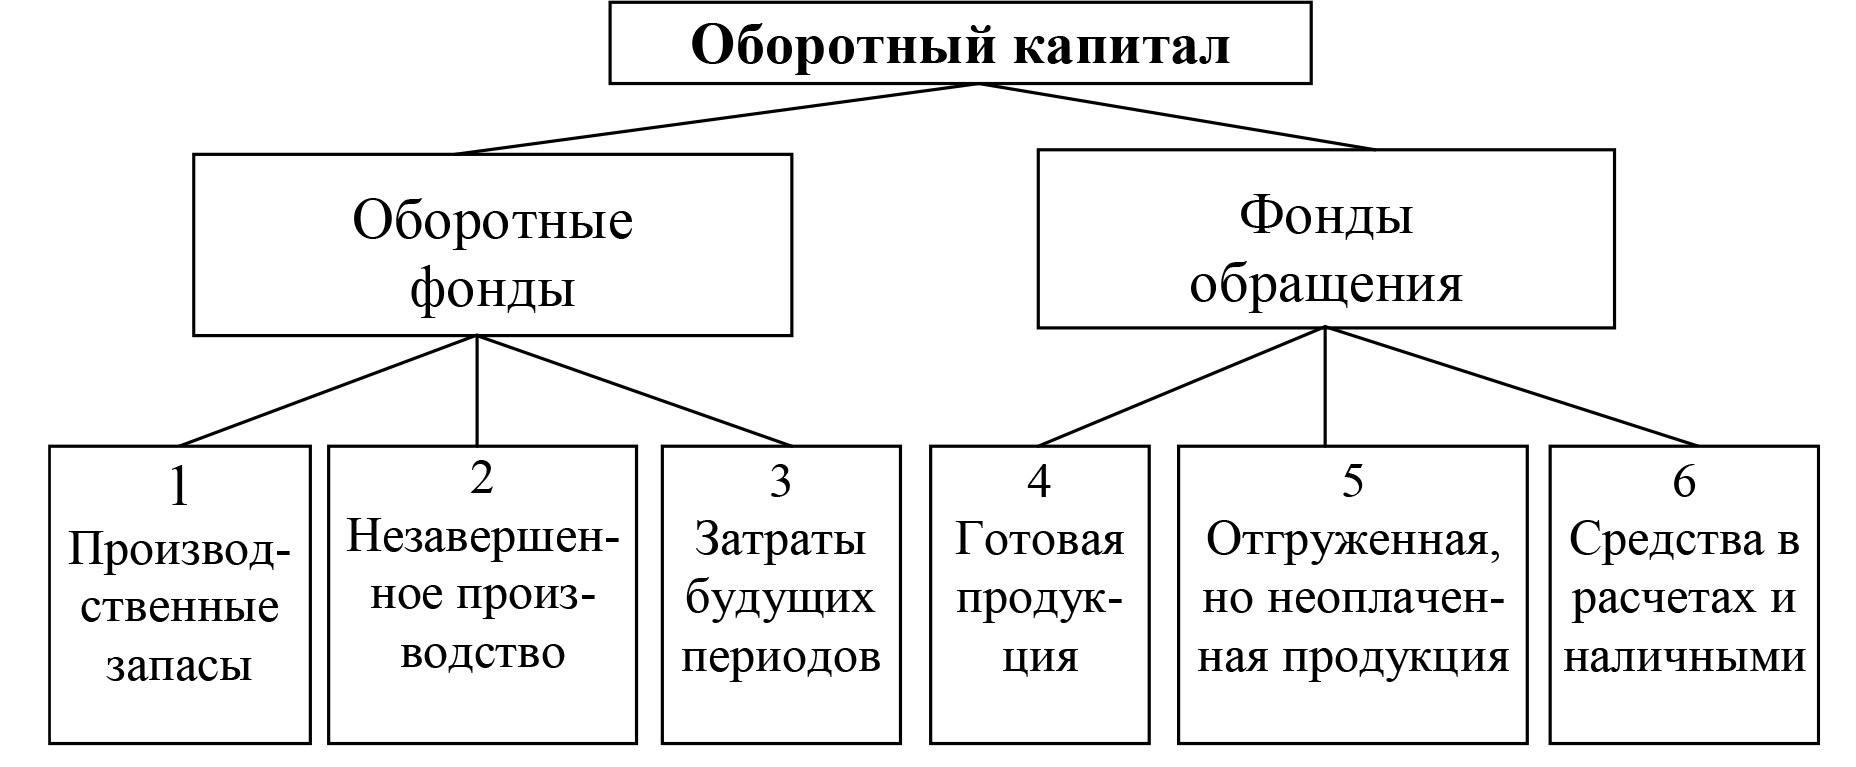 Лекция 2. оборотные средства